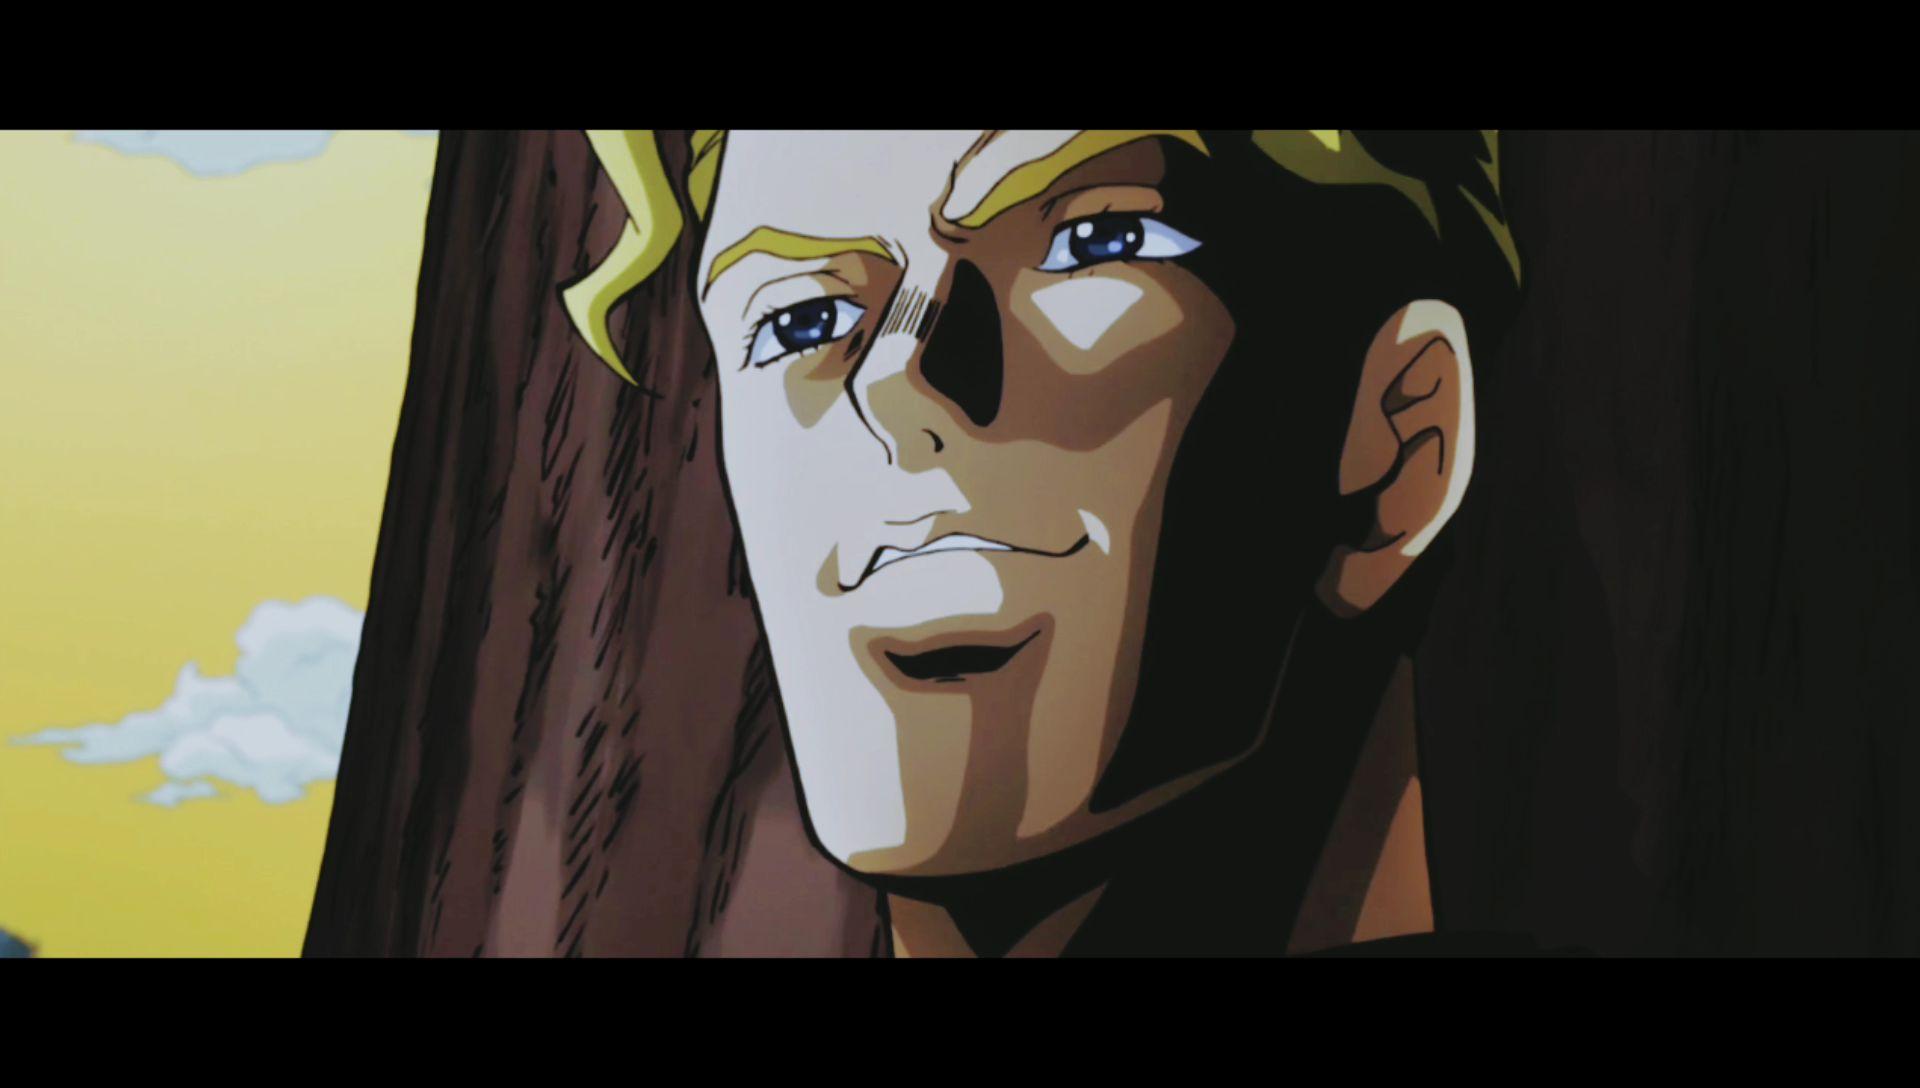 【JOJO/吉良吉影】我吉良吉影终于过上平静的生活了!(有人看了,开心)